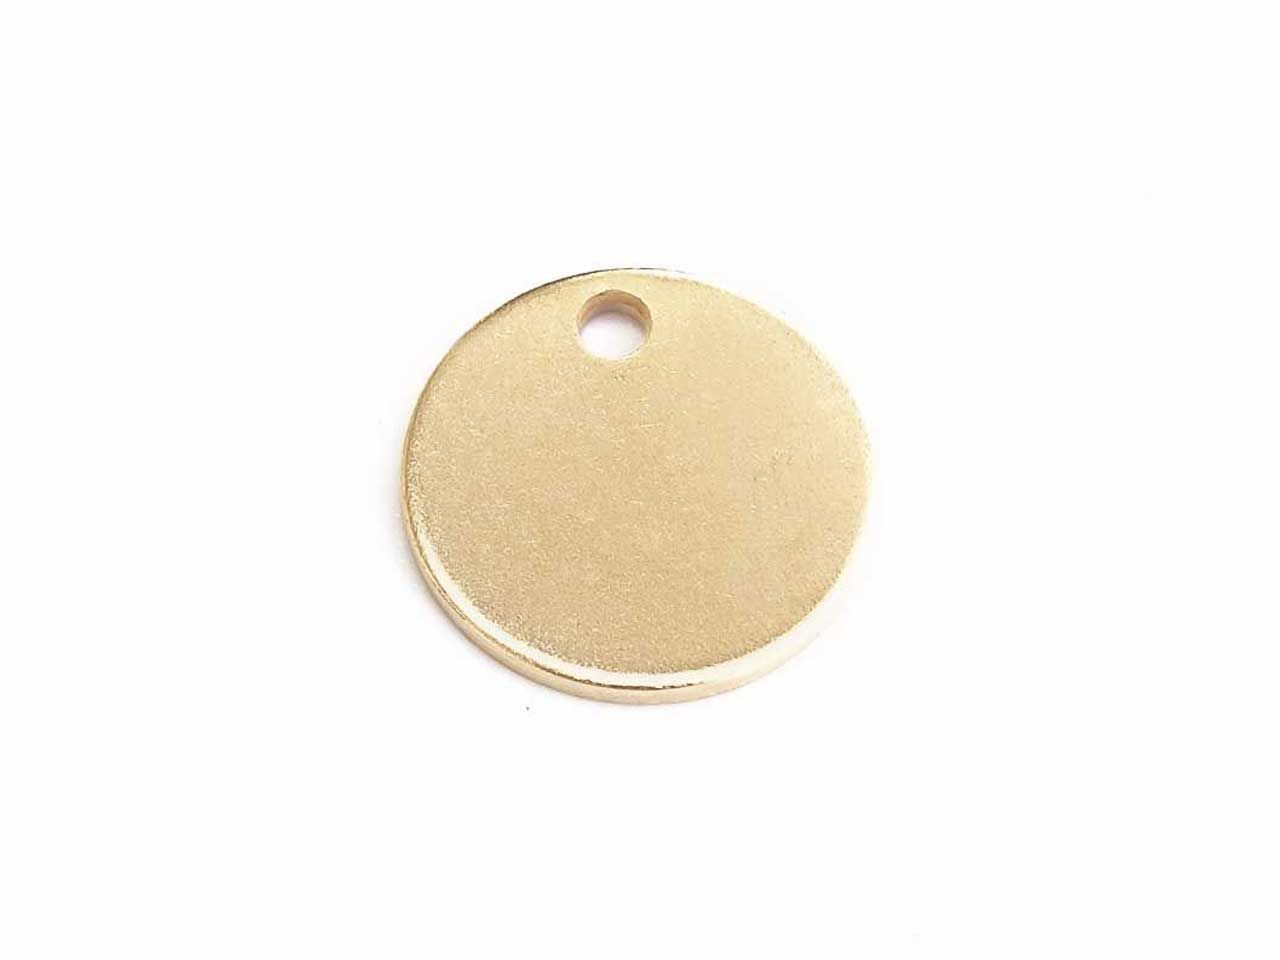 Logoanhänger 15mm Edelstahl vergoldet 1mm dick 10 Stck